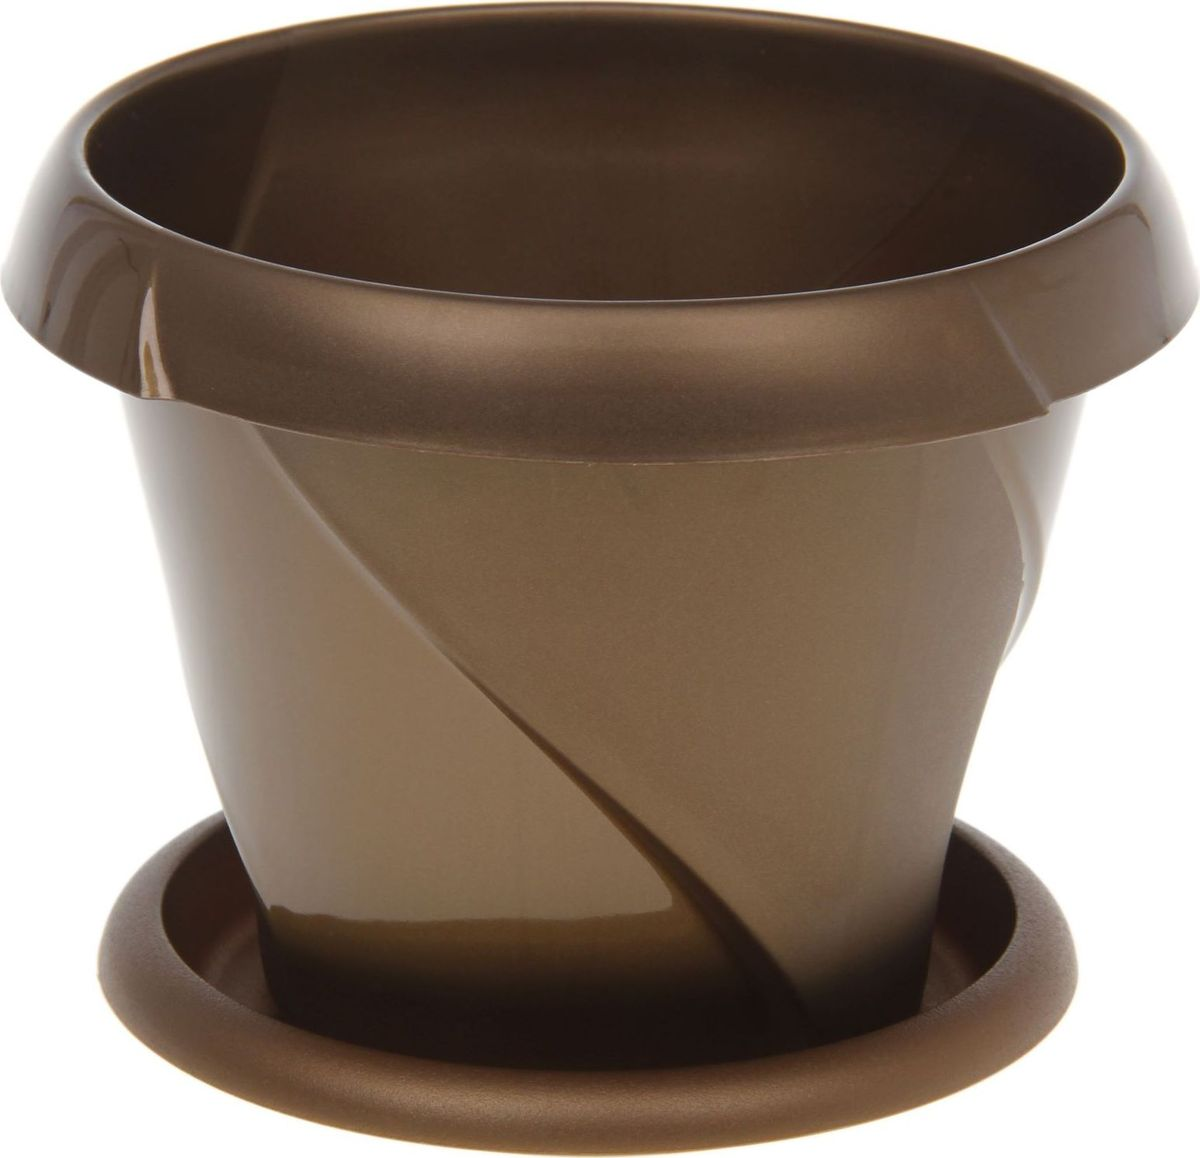 Кашпо Martika Флориана, с поддоном, цвет: золотистый, 2,8 л1355394Любой, даже самый современный и продуманный интерьер будет не завершённым без растений. Они не только очищают воздух и насыщают его кислородом, но и заметно украшают окружающее пространство. Такому полезному &laquo члену семьи&raquoпросто необходимо красивое и функциональное кашпо, оригинальный горшок или необычная ваза! Мы предлагаем - Кашпо с поддонником 2,8 л Флориана, d=21,5 см, цвет золотой!Оптимальный выбор материала &mdash &nbsp пластмасса! Почему мы так считаем? Малый вес. С лёгкостью переносите горшки и кашпо с места на место, ставьте их на столики или полки, подвешивайте под потолок, не беспокоясь о нагрузке. Простота ухода. Пластиковые изделия не нуждаются в специальных условиях хранения. Их&nbsp легко чистить &mdashдостаточно просто сполоснуть тёплой водой. Никаких царапин. Пластиковые кашпо не царапают и не загрязняют поверхности, на которых стоят. Пластик дольше хранит влагу, а значит &mdashрастение реже нуждается в поливе. Пластмасса не пропускает воздух &mdashкорневой системе растения не грозят резкие перепады температур. Огромный выбор форм, декора и расцветок &mdashвы без труда подберёте что-то, что идеально впишется в уже существующий интерьер.Соблюдая нехитрые правила ухода, вы можете заметно продлить срок службы горшков, вазонов и кашпо из пластика: всегда учитывайте размер кроны и корневой системы растения (при разрастании большое растение способно повредить маленький горшок)берегите изделие от воздействия прямых солнечных лучей, чтобы кашпо и горшки не выцветалидержите кашпо и горшки из пластика подальше от нагревающихся поверхностей.Создавайте прекрасные цветочные композиции, выращивайте рассаду или необычные растения, а низкие цены позволят вам не ограничивать себя в выборе.